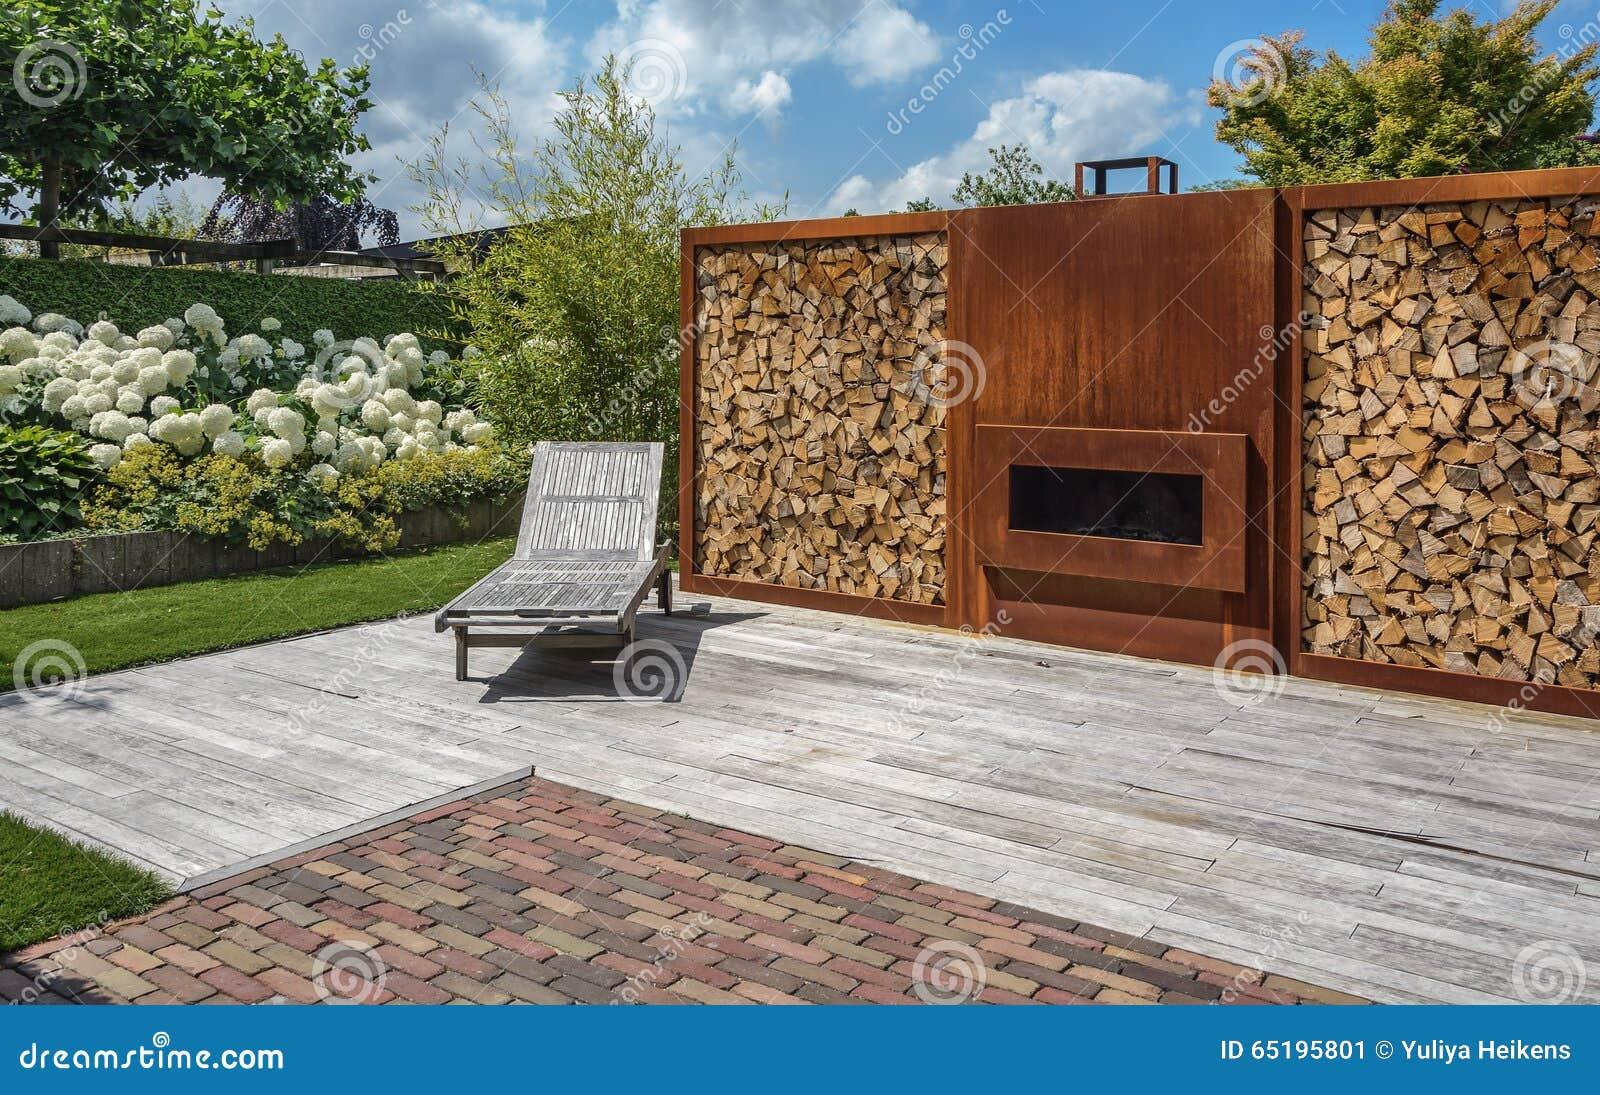 Kamin Im Garten Stockbild Bild Von Garten Kamin 65195801